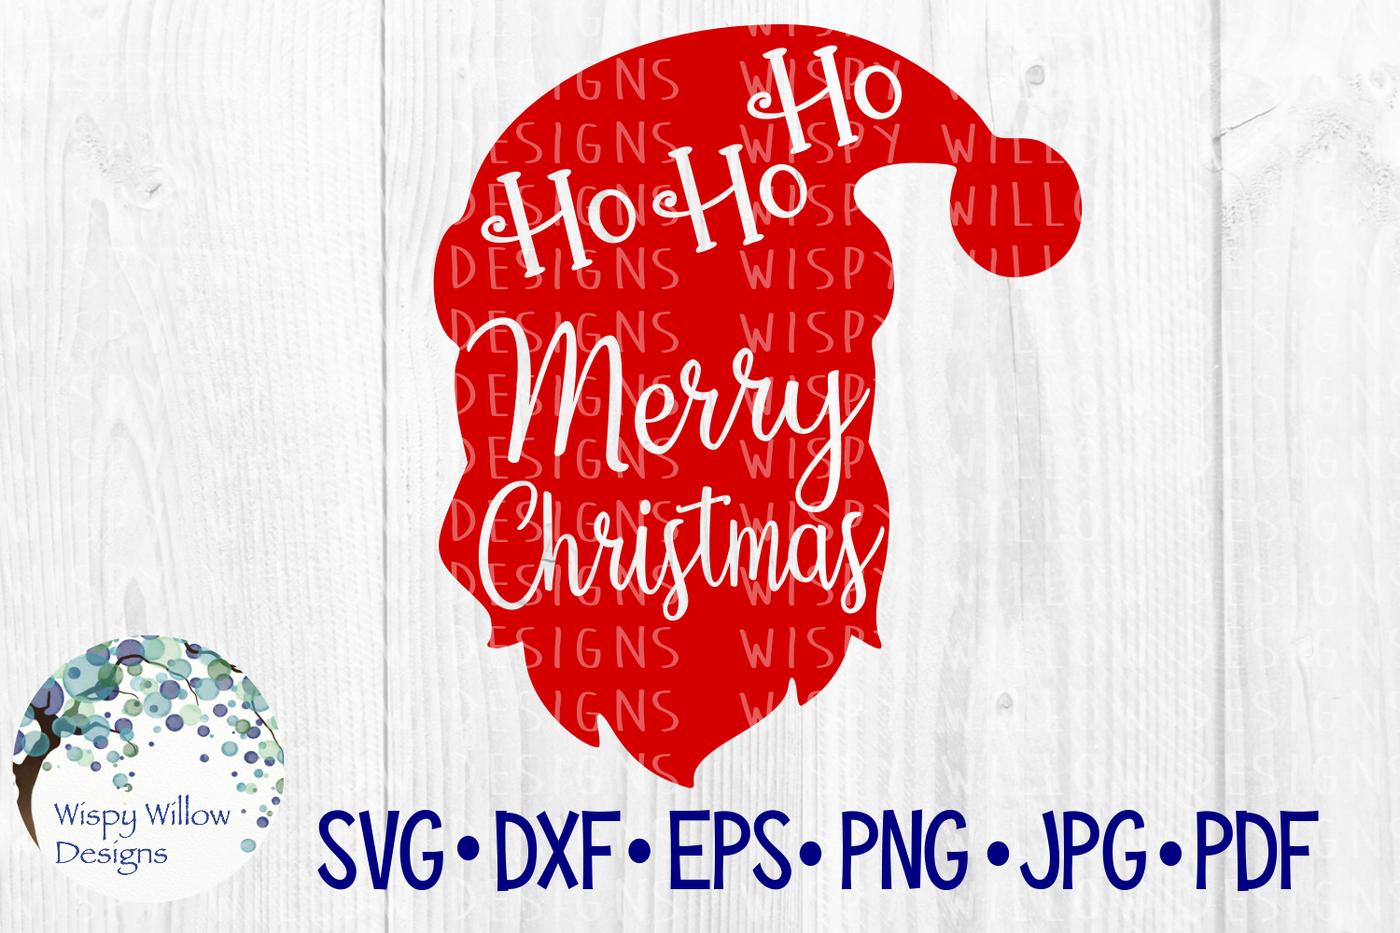 Merry Christmas Santa Ho Ho Ho Svg Dxf Eps Png Jpg Pdf By Wispy